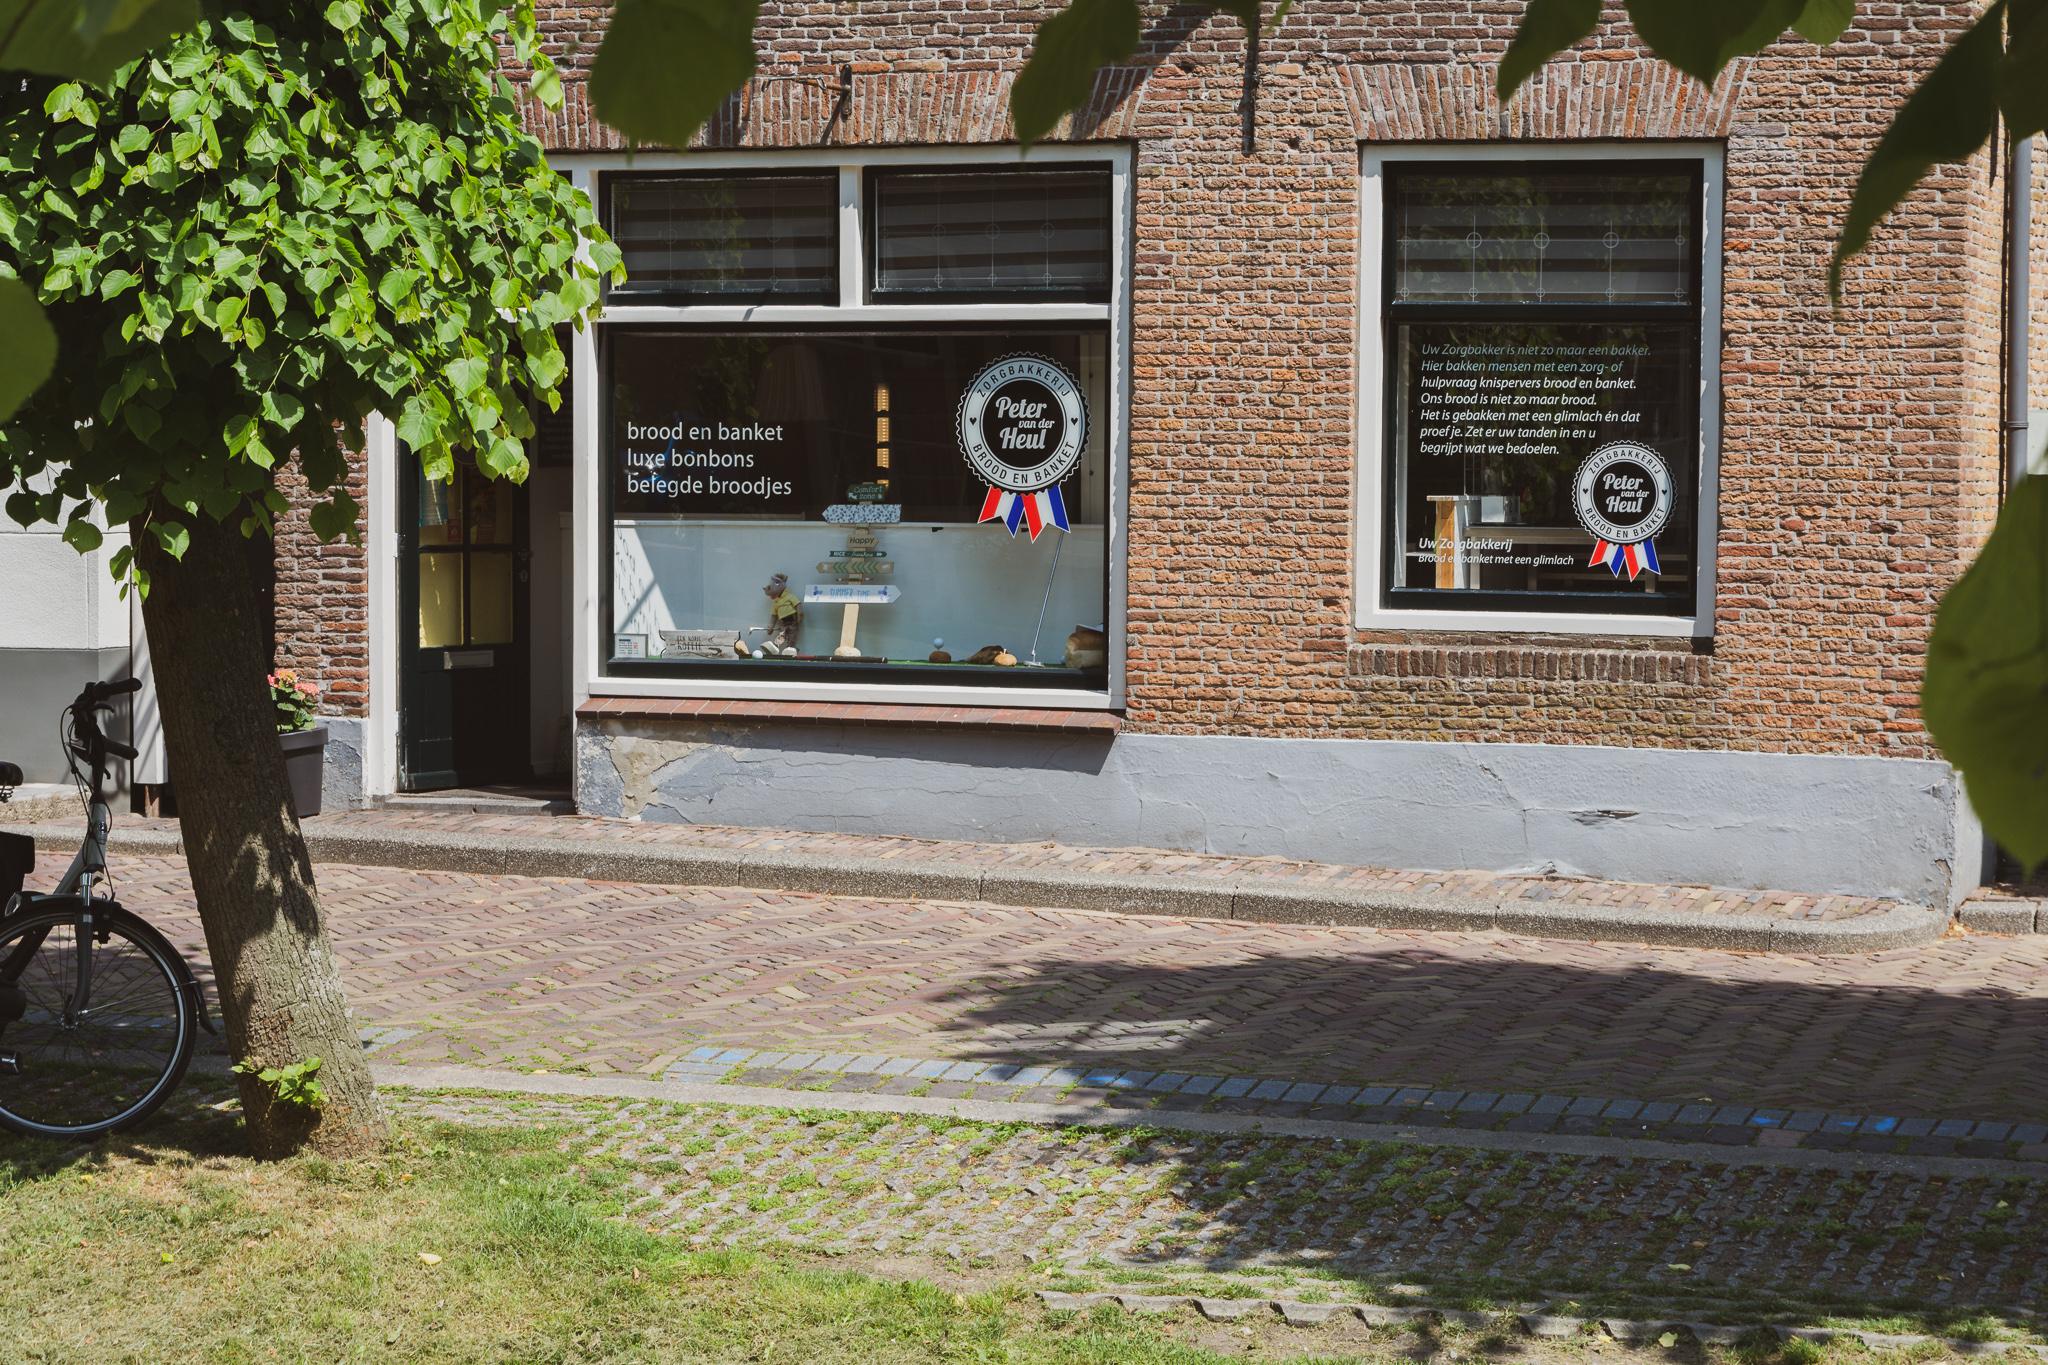 Zorgbakkerij Peter van der Heul